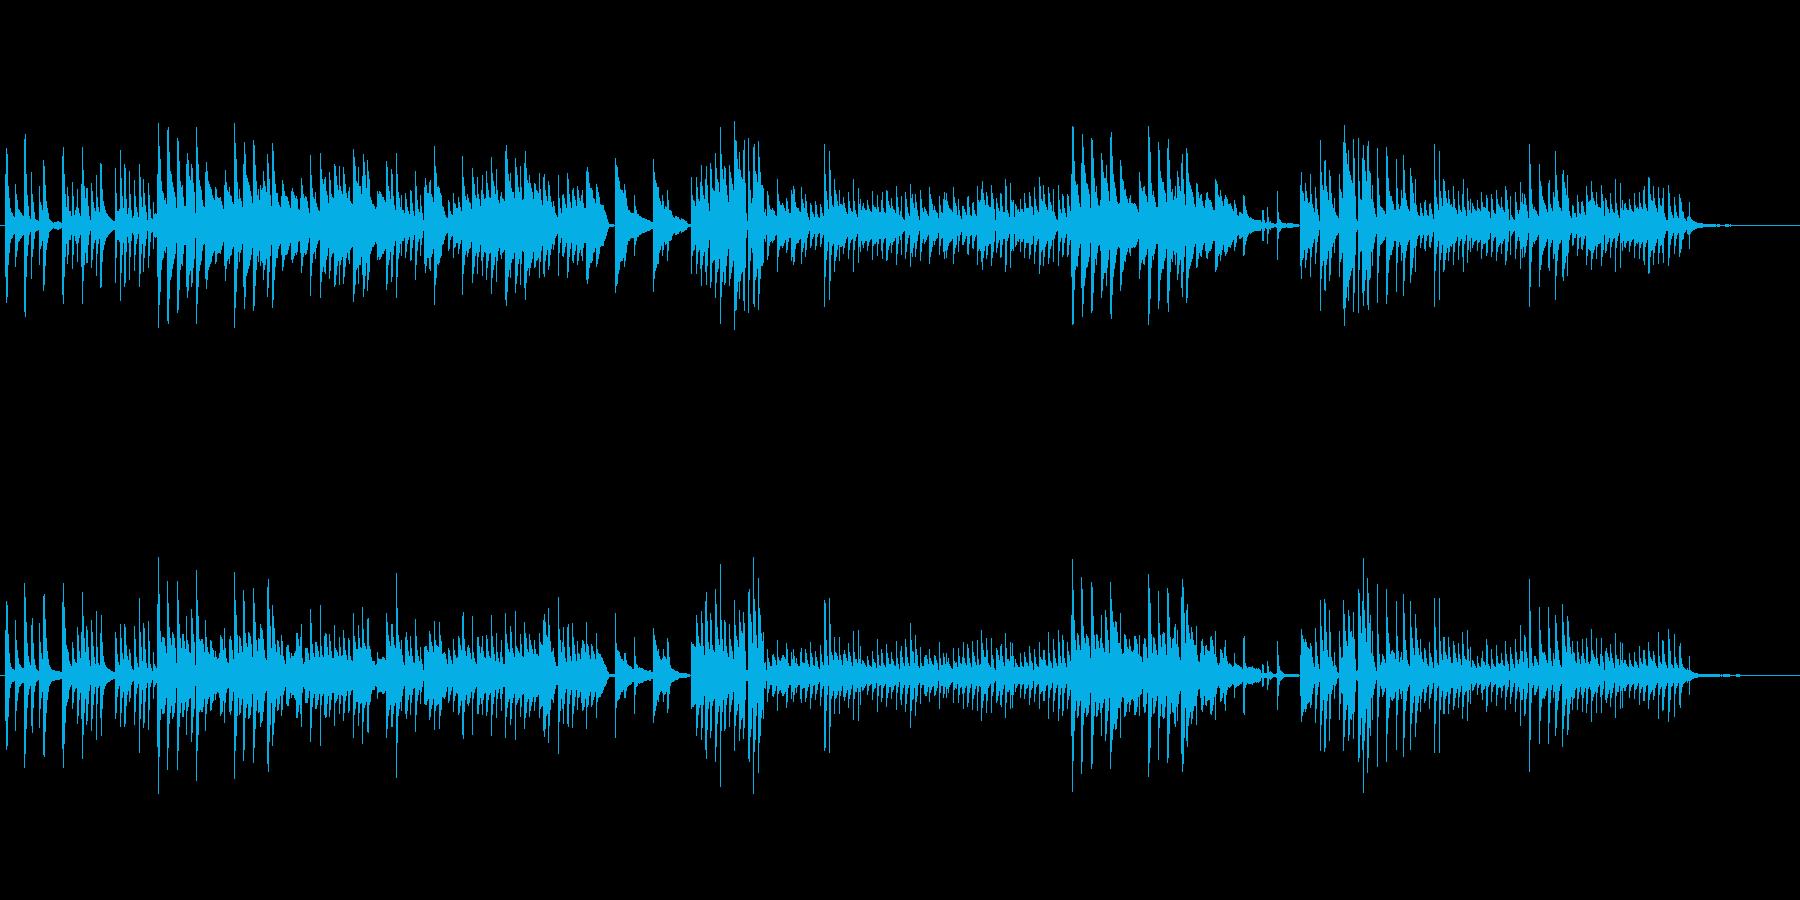 優しいピアノ演奏による静かなバラードの再生済みの波形